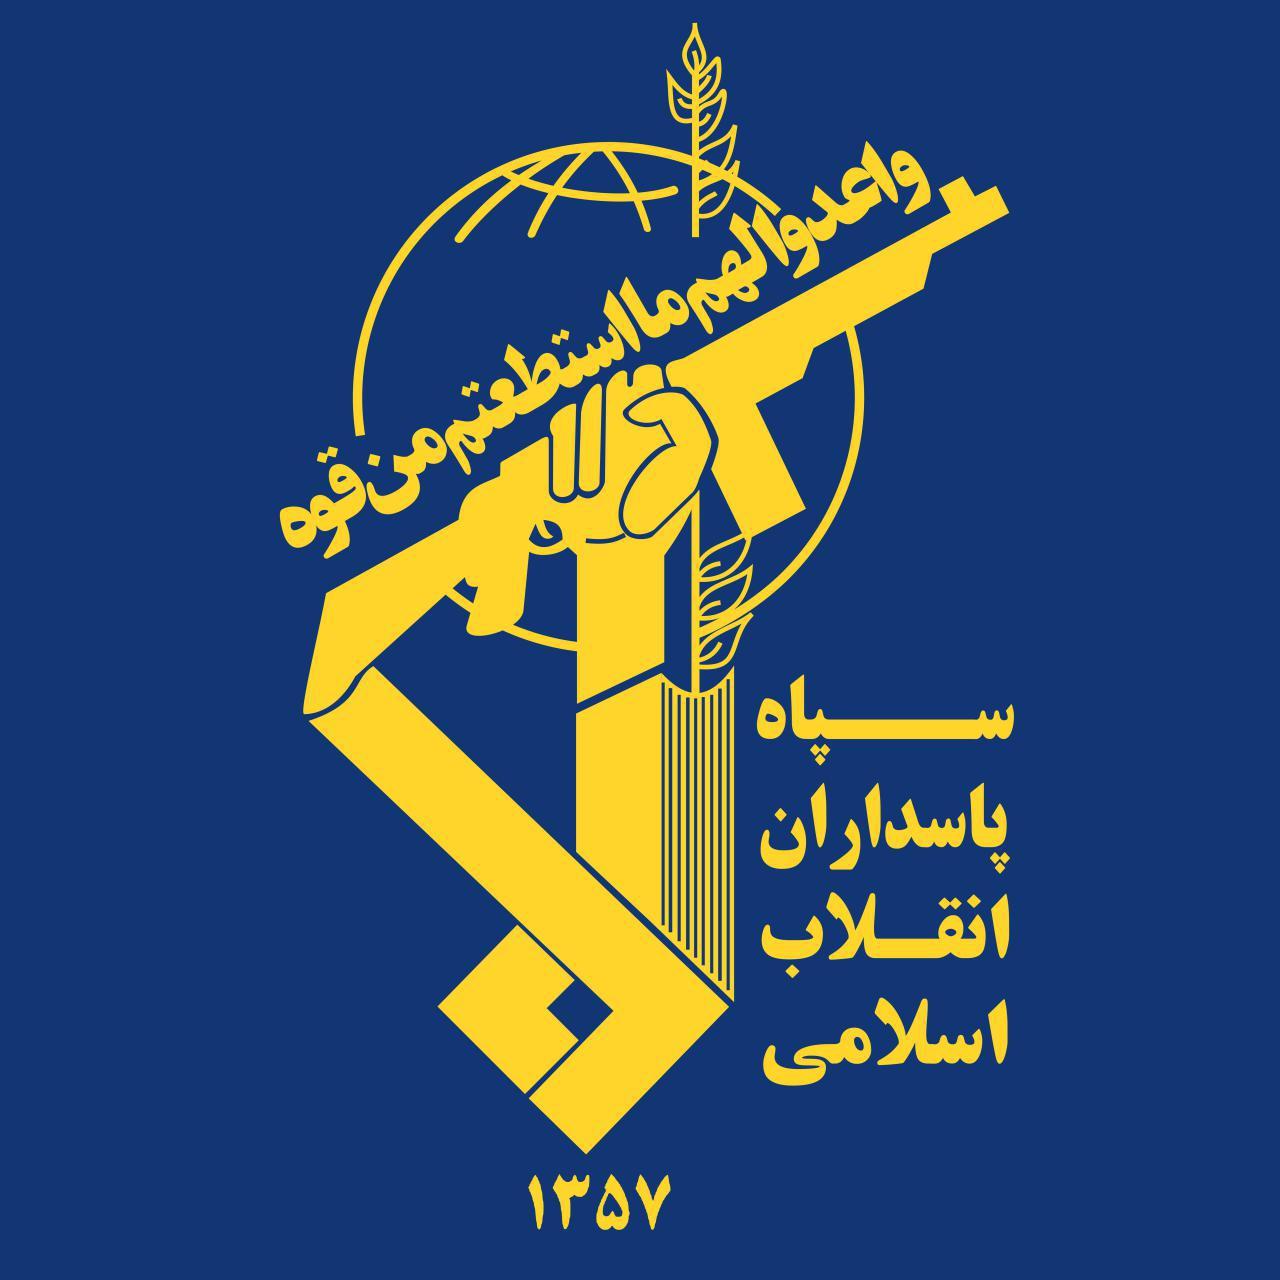 قرارگاه قدس نیروی زمینی سپاه: محموله مواد انفجاری و انتحاری در سراوان کشف شد